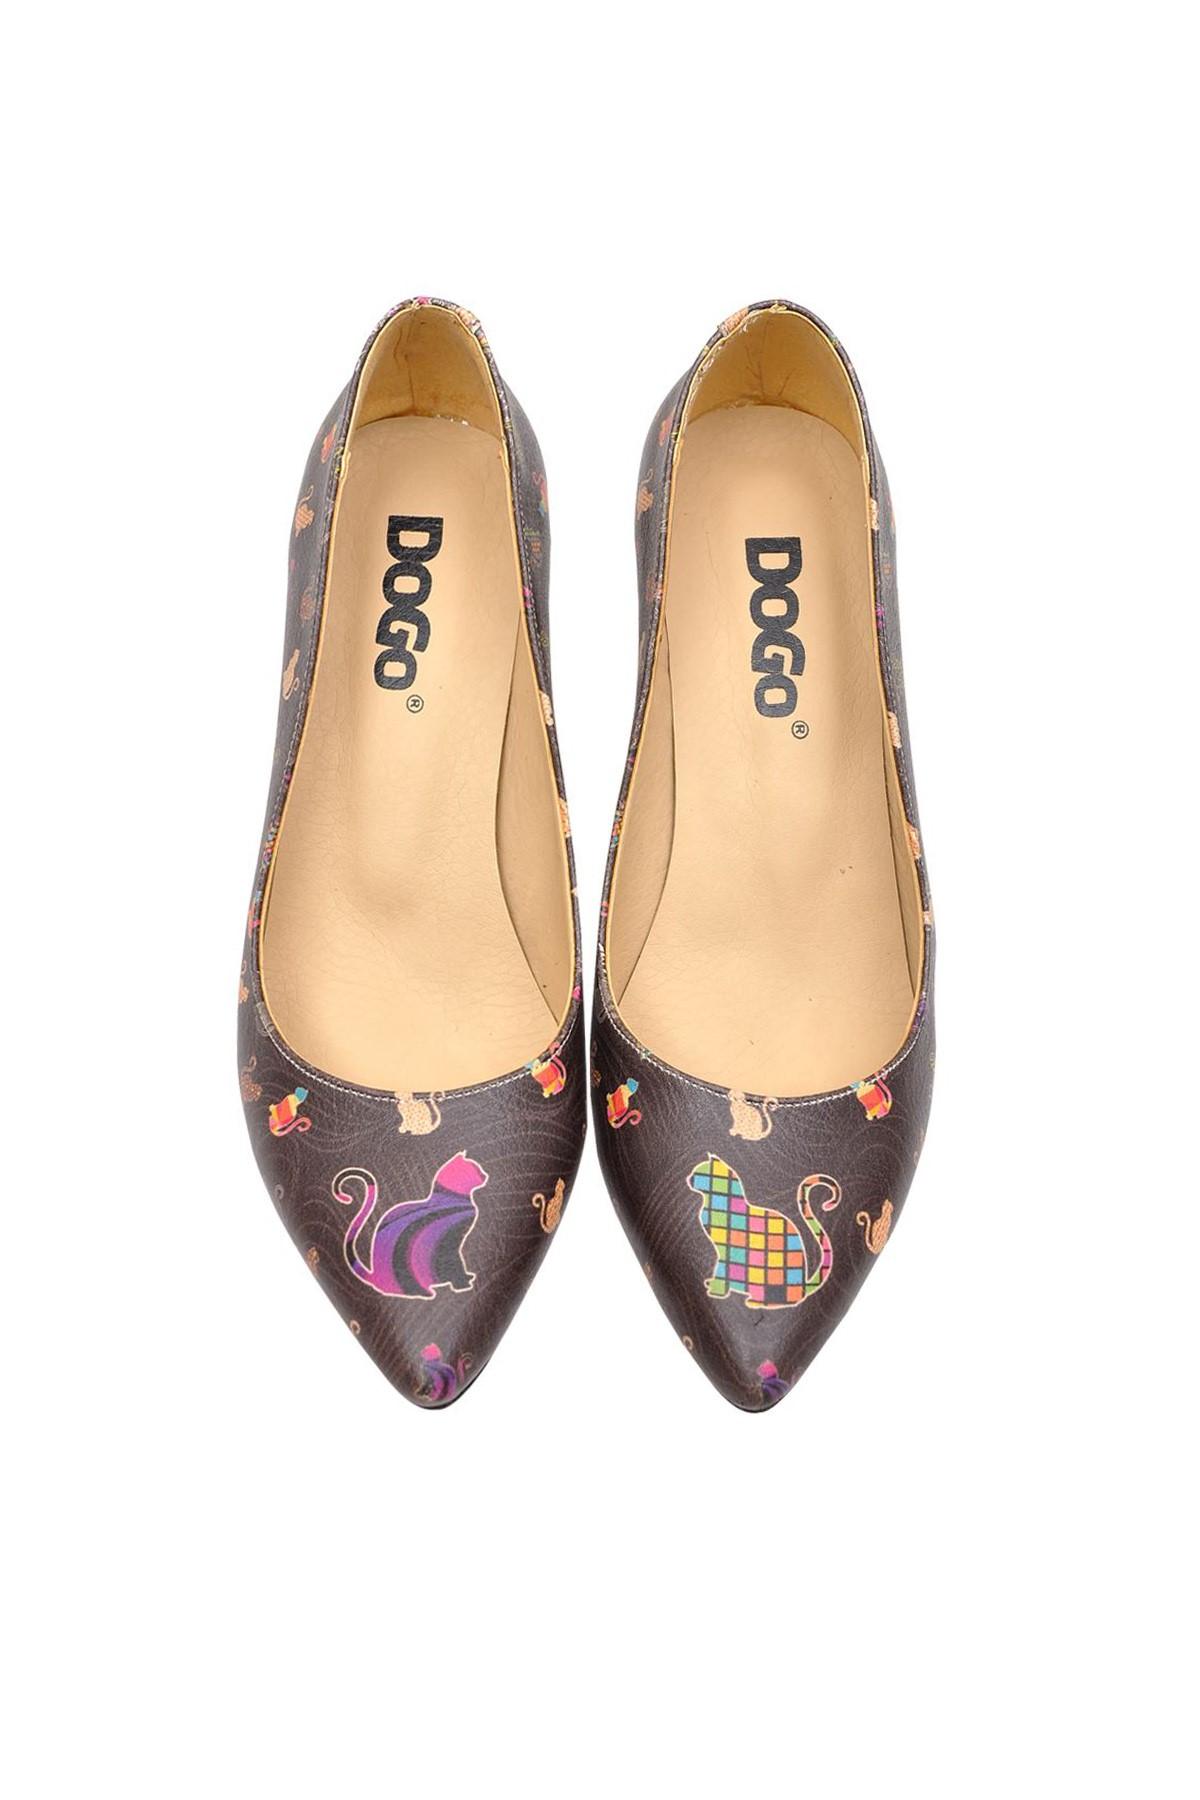 Dogo Çok Renkli Kadın Topuklu Ayakkabı DGHH016-STL005 1